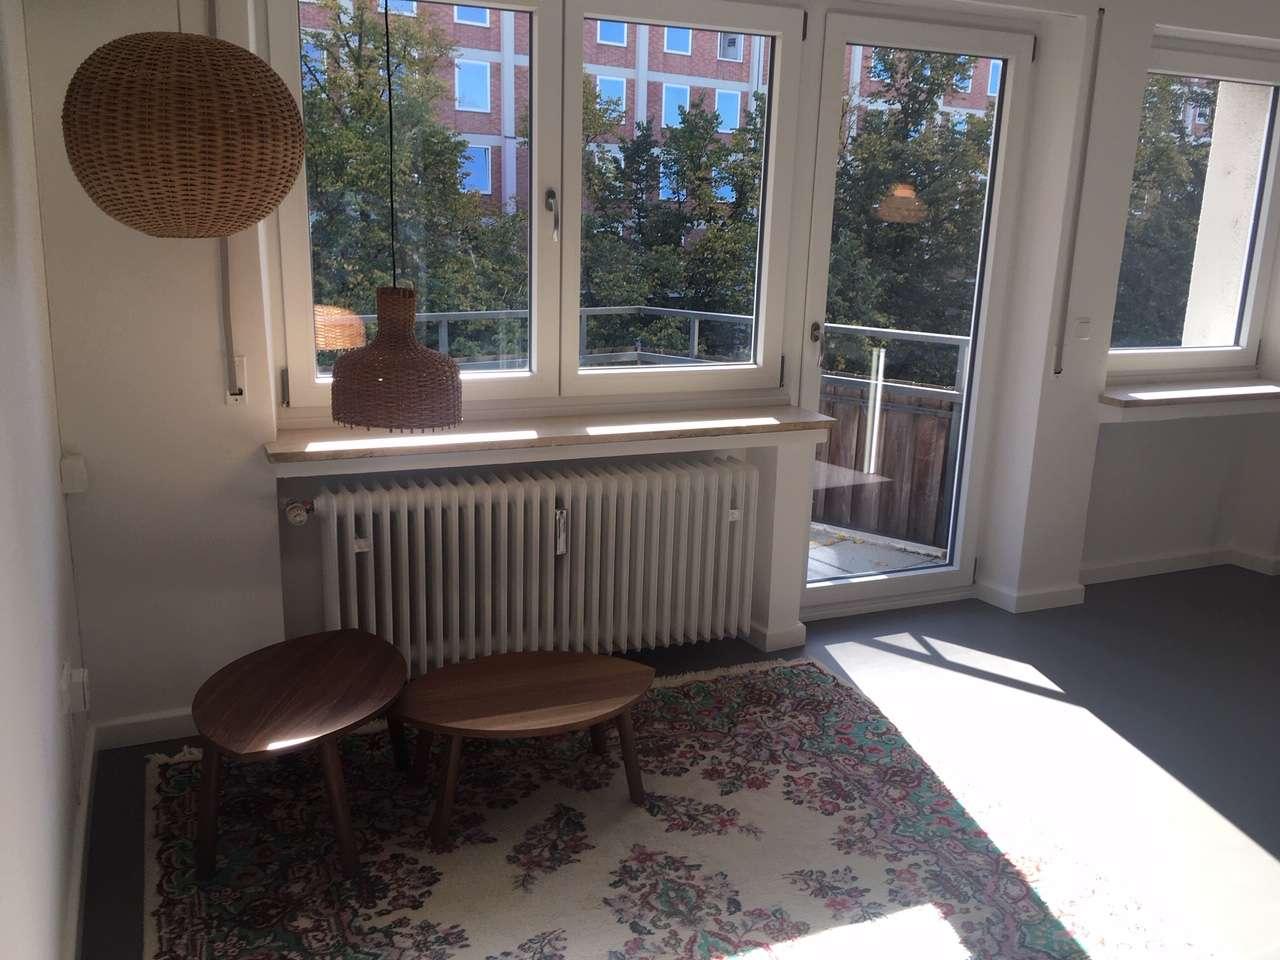 Bezauberndes Appartement von Privat in Ludwigsvorstadt-Isarvorstadt (München)